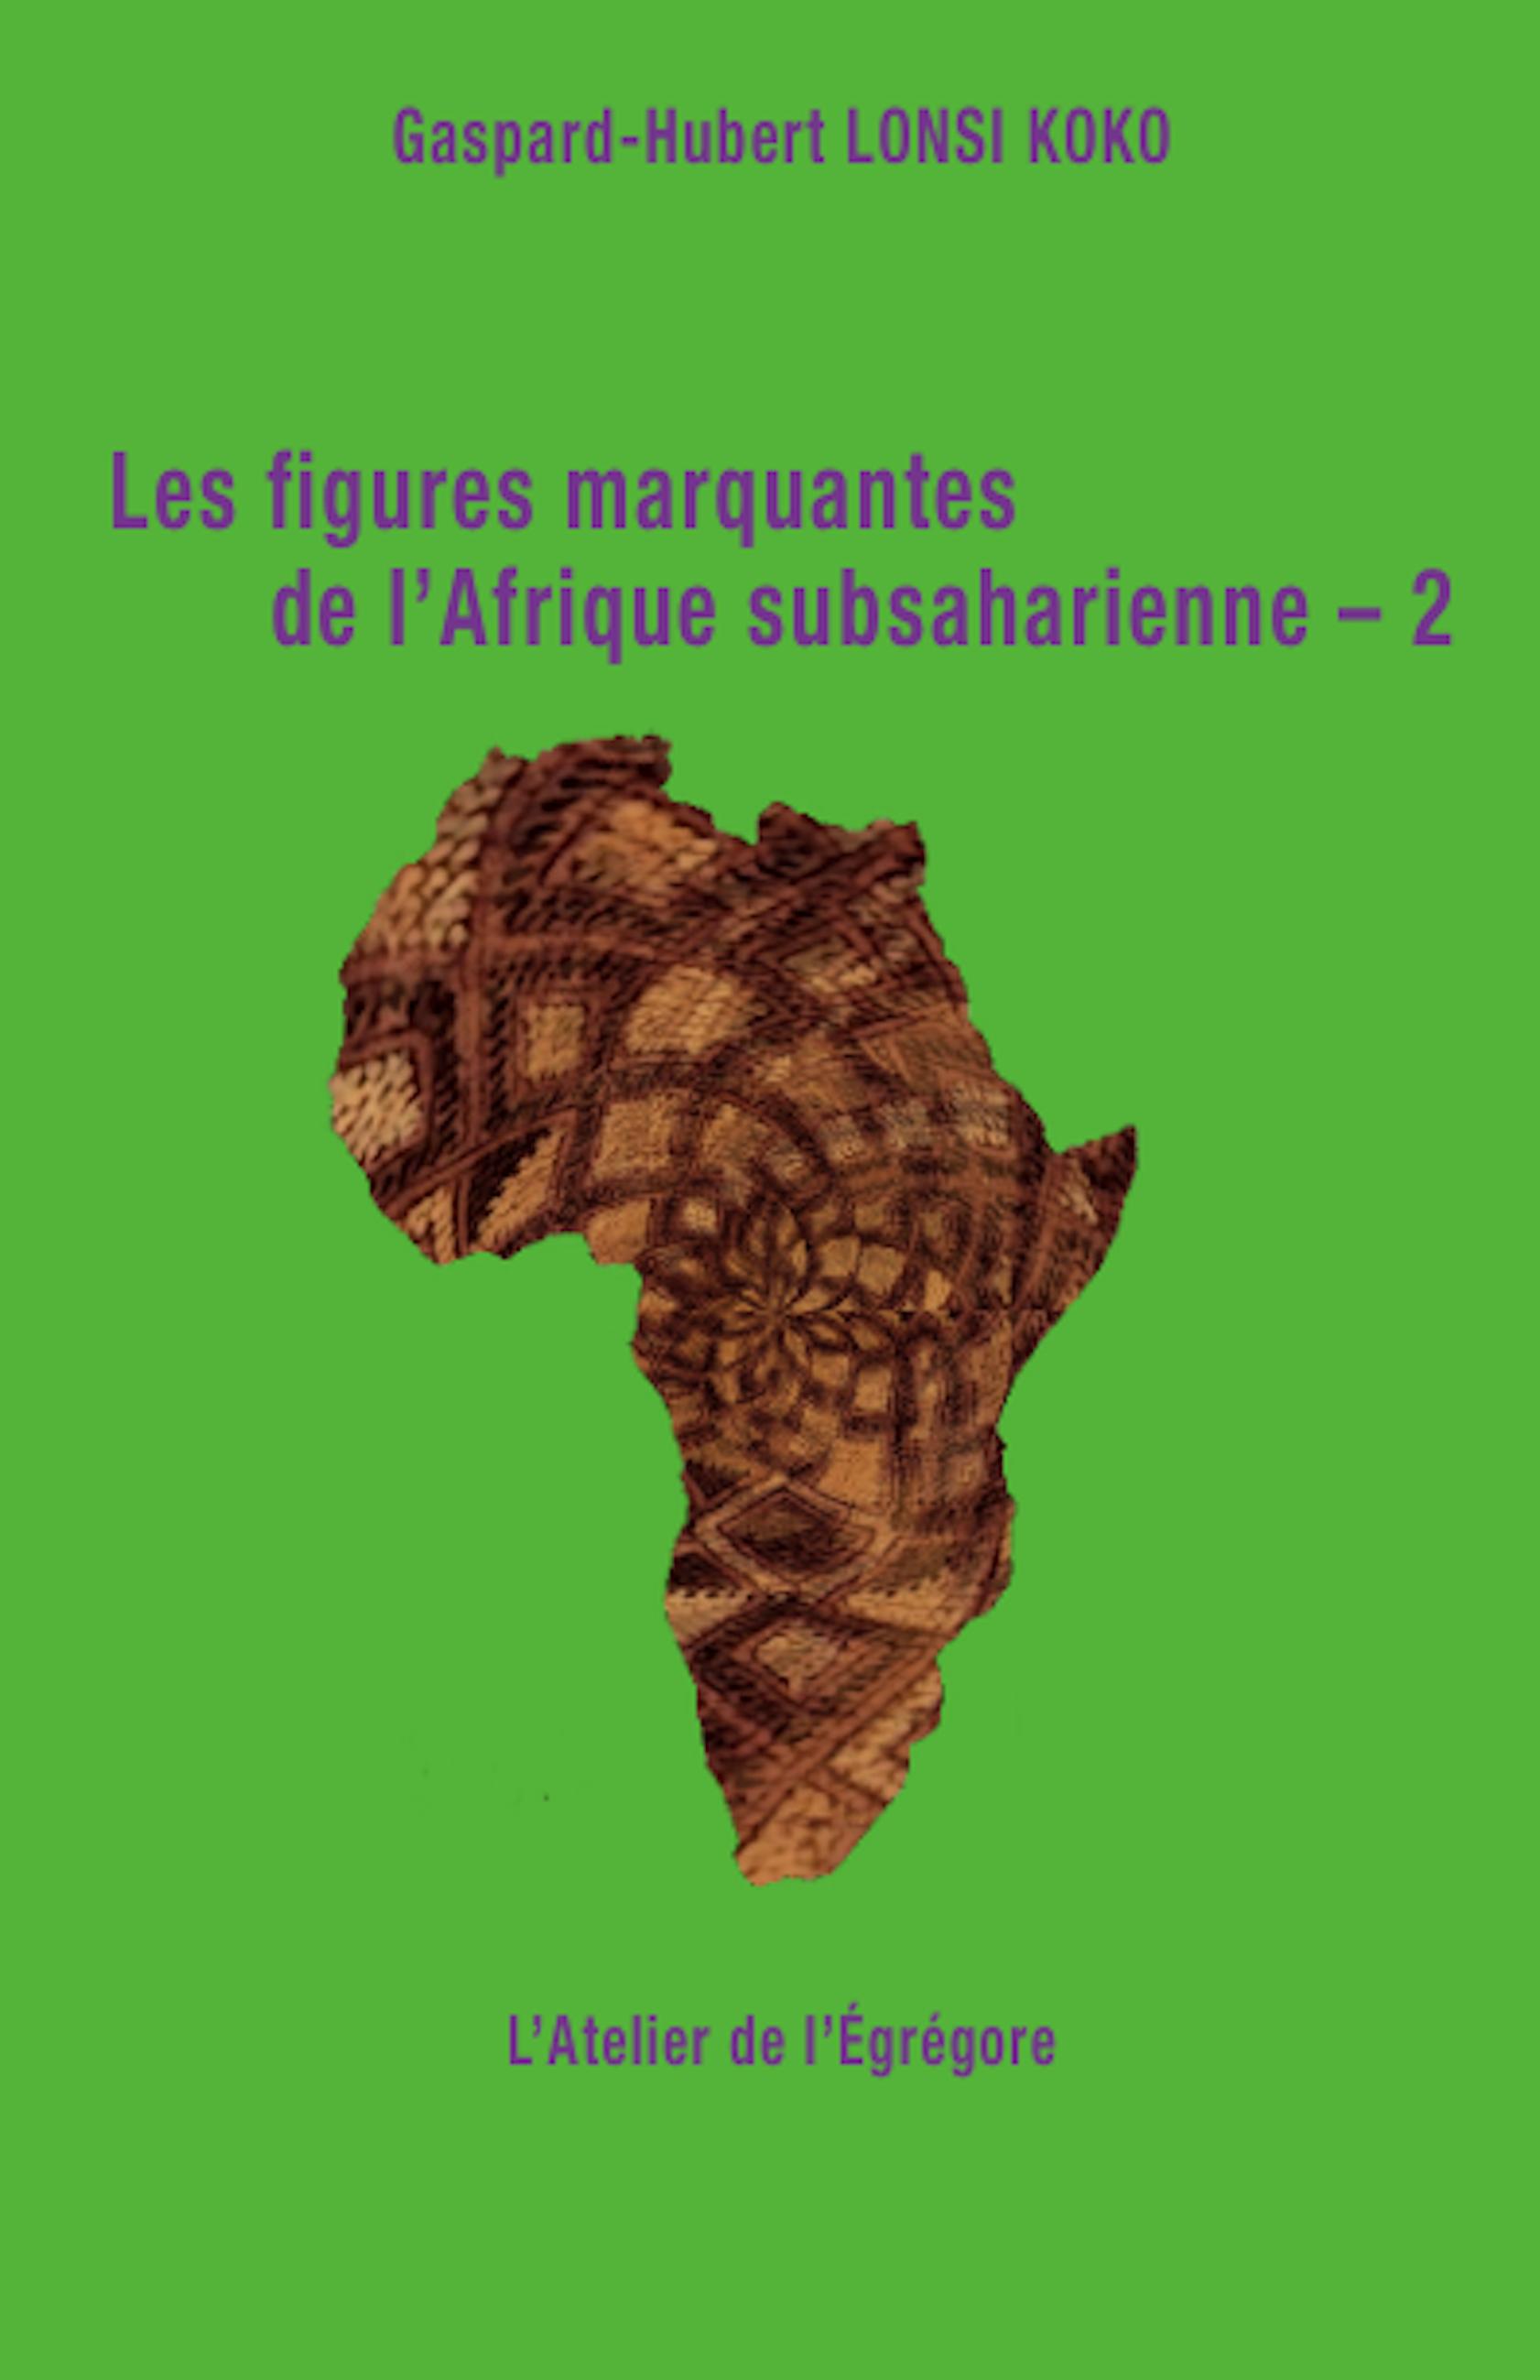 Les figures marquantes de l'Afrique subsaharienne – 2